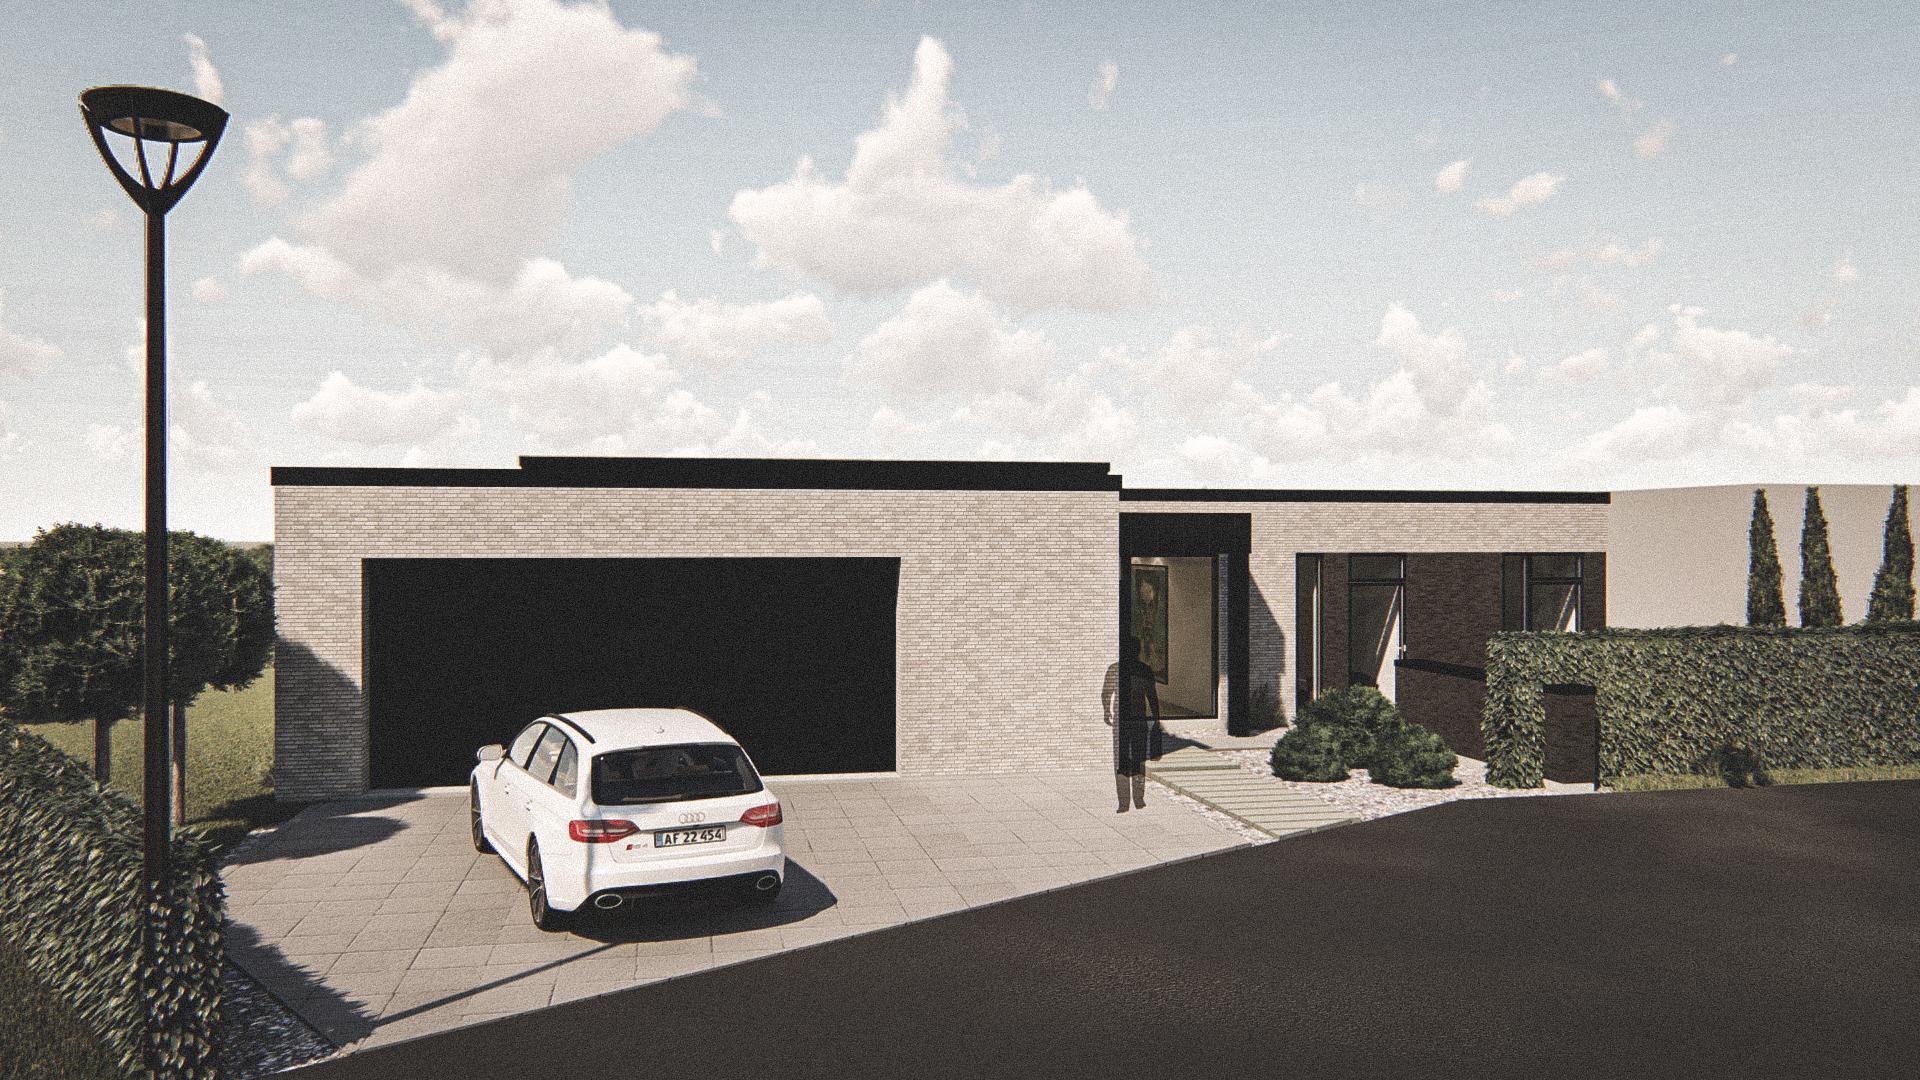 Billede af Dansk arkitekttegnet 1 plan villa af arkitektfirmaet m2plus, i Viborg på 225 kvartratmeter.